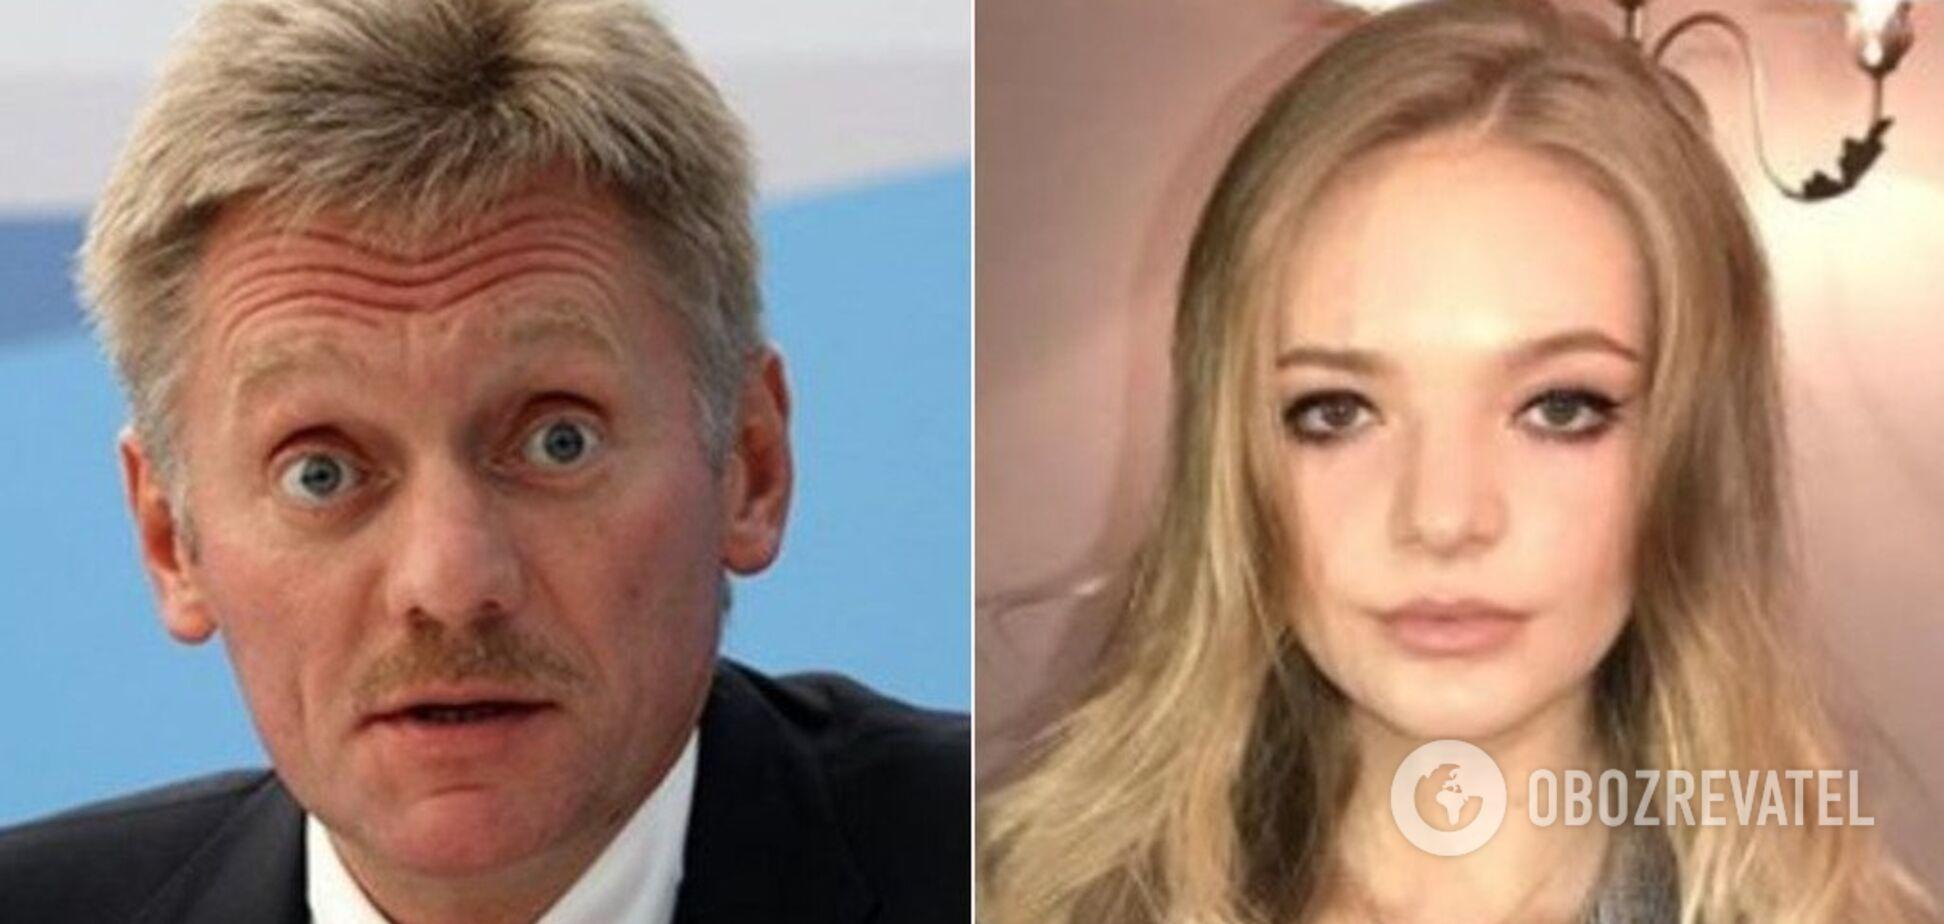 'Насолила батькові': донька Пєскова потрапила в скандал через 'свавілля в Росії'